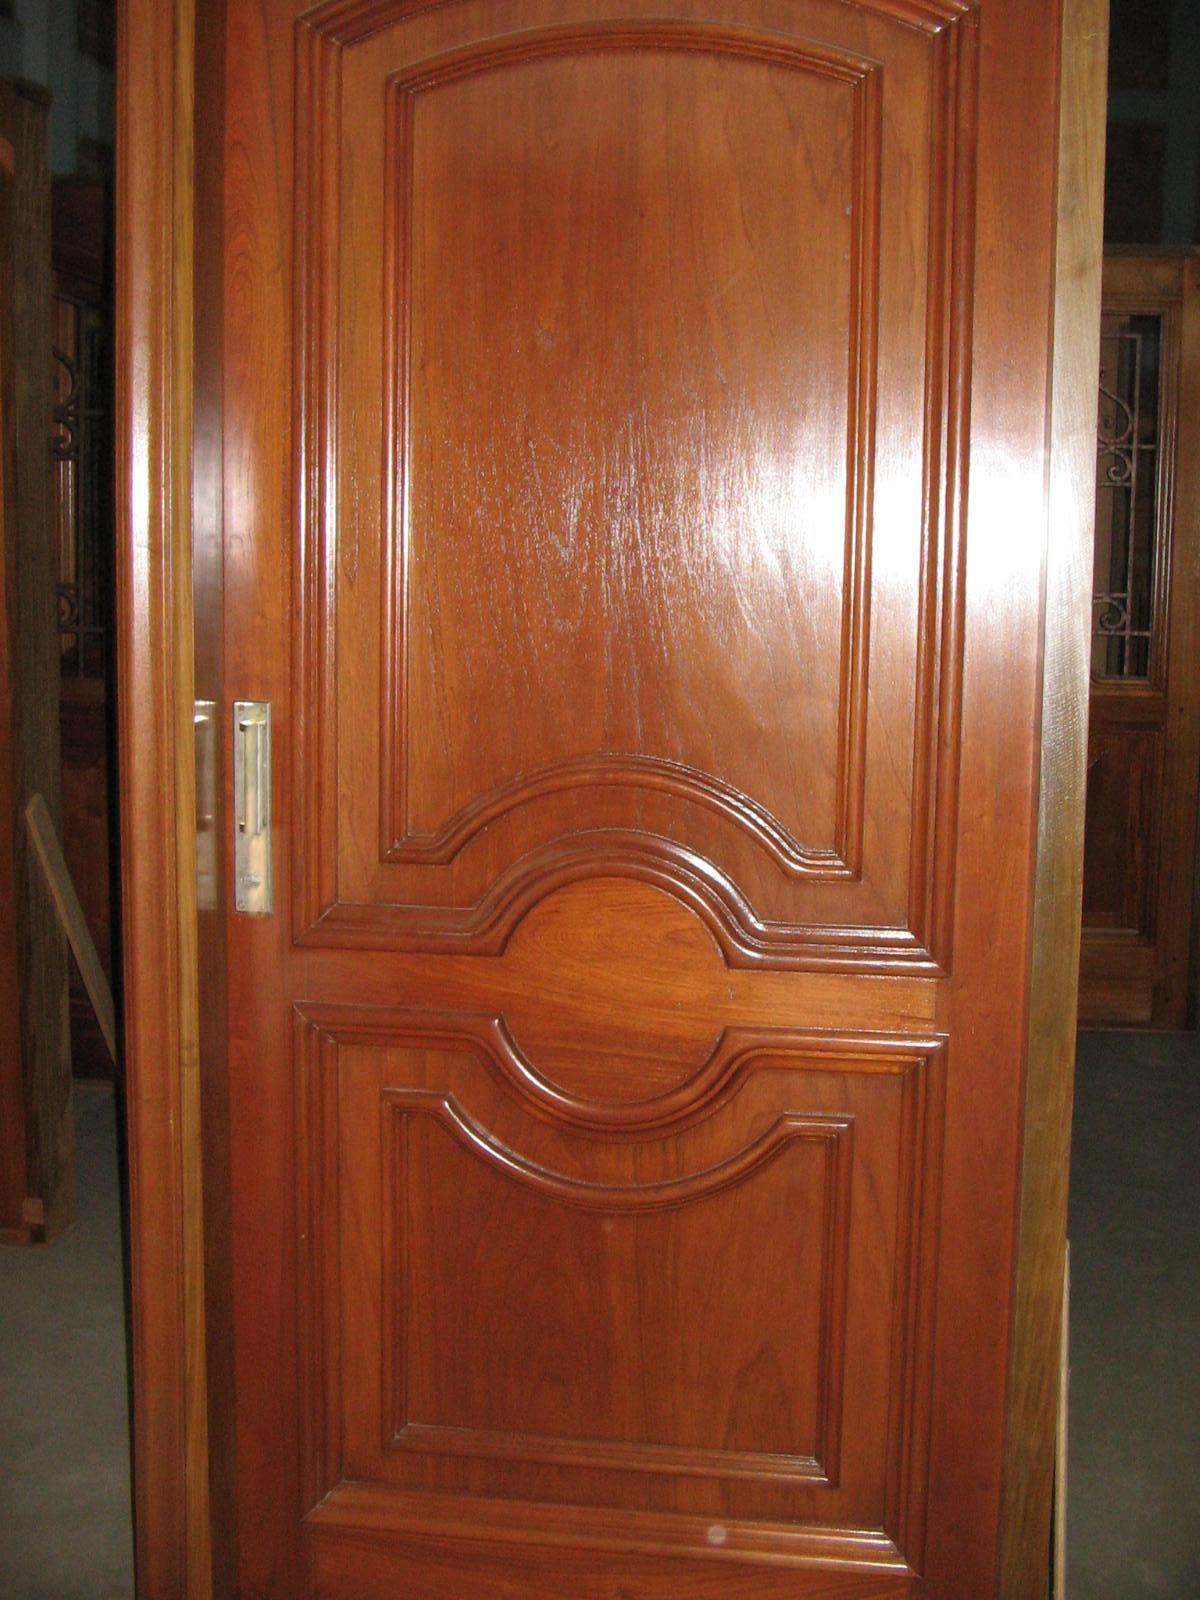 Especies latinoamericanas puertas timb cedro pino - Puertas de madera precio ...